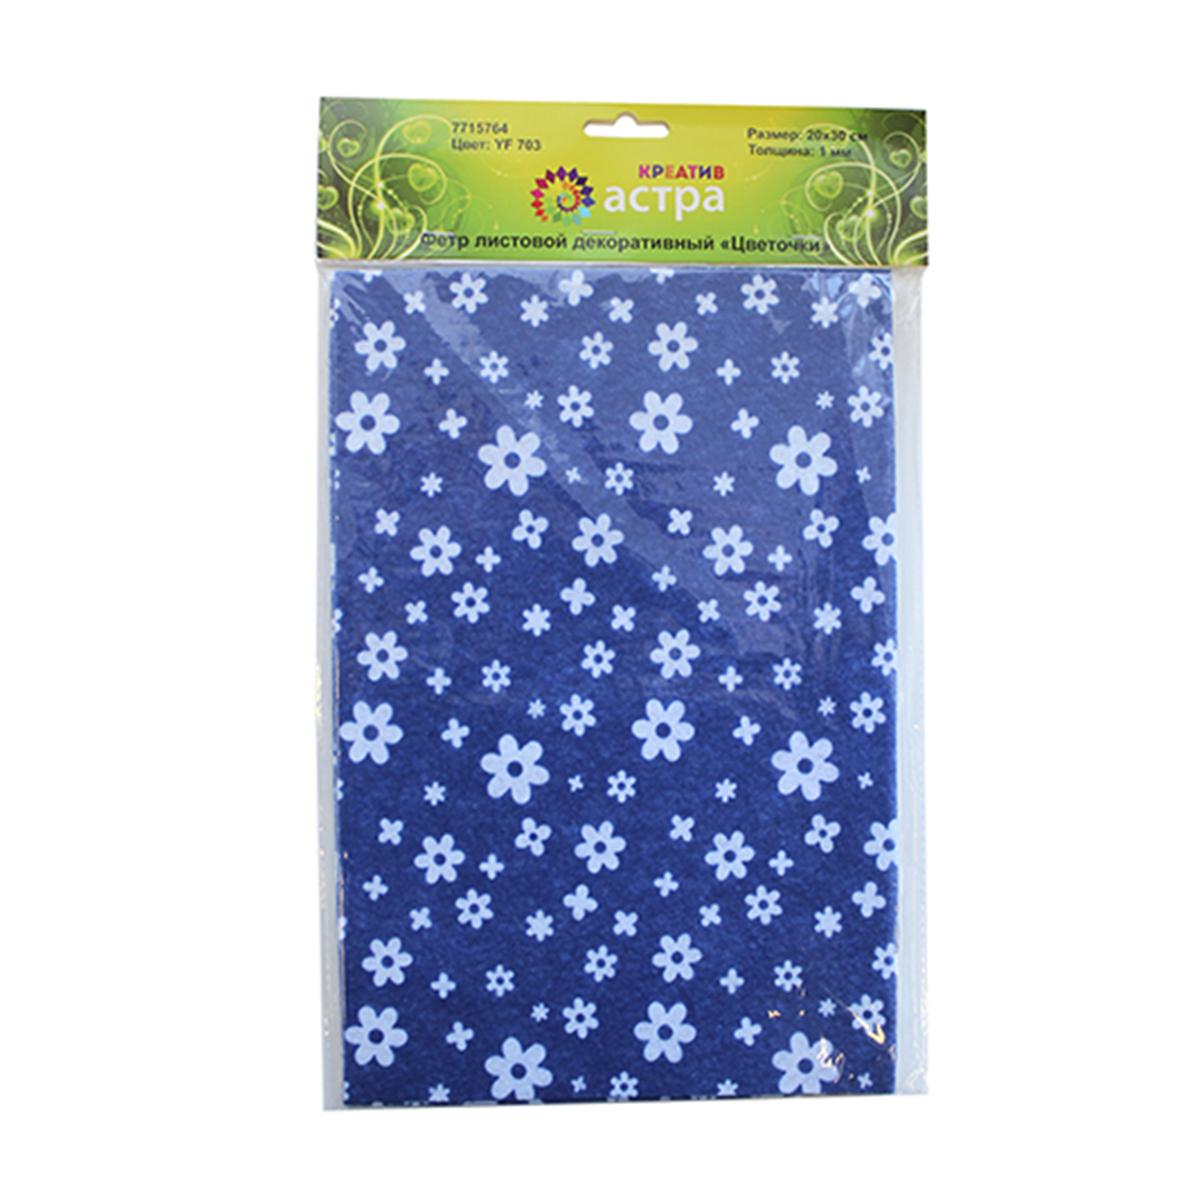 Фетр листовой декоративный Астра Цветочки, цвет: василек, 20 х 30 см, 5 шт7715764_YF 703 василек